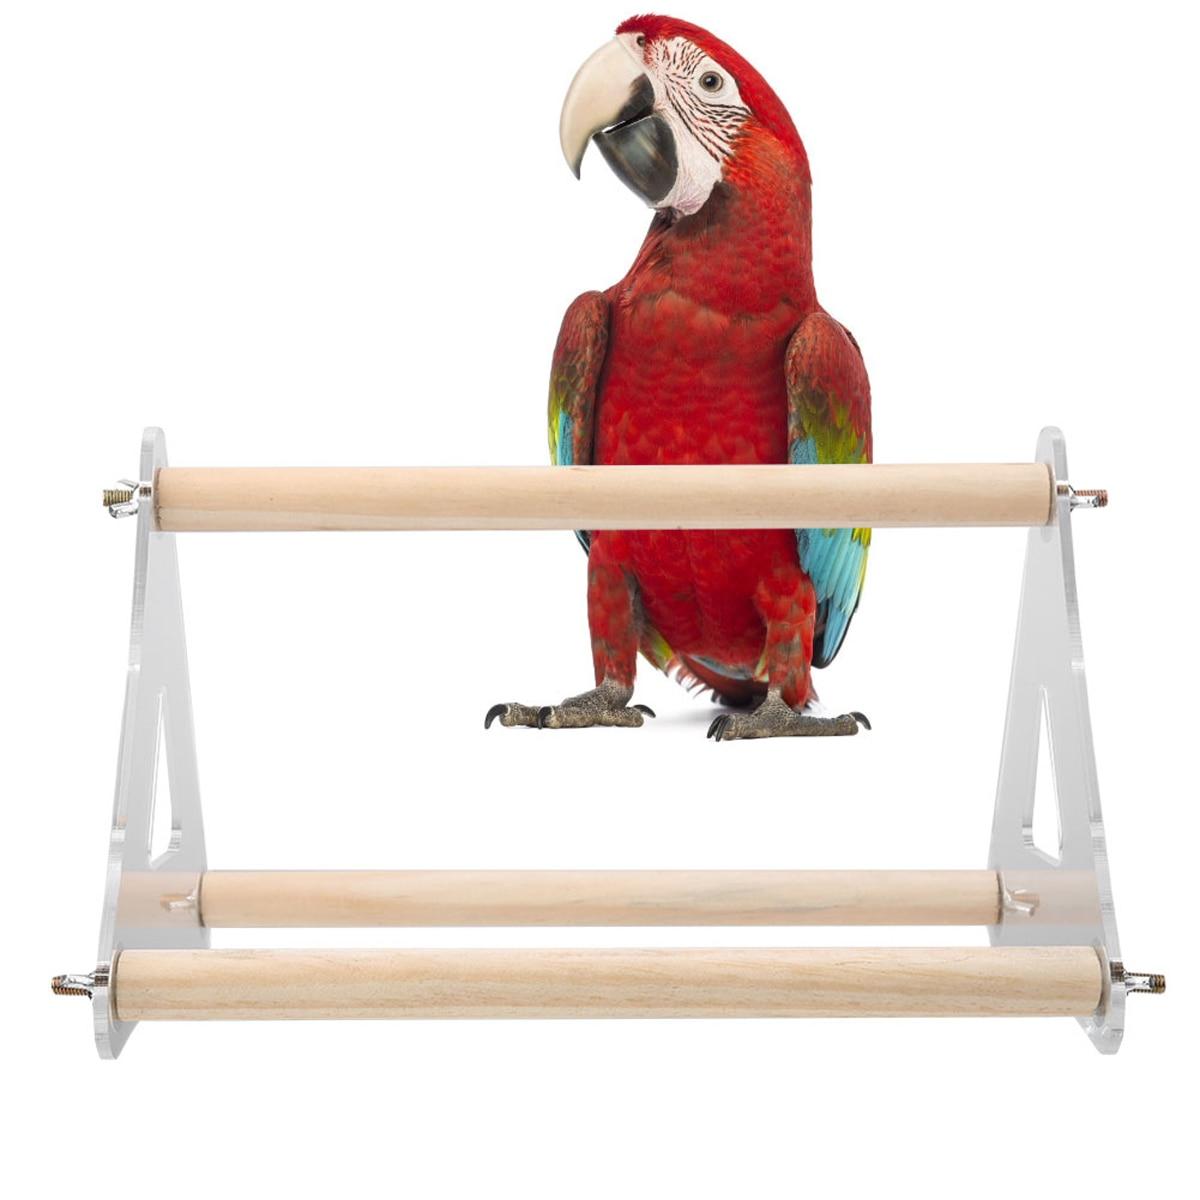 Novo estilo papagaio pássaro poleiro carrinho brinquedos